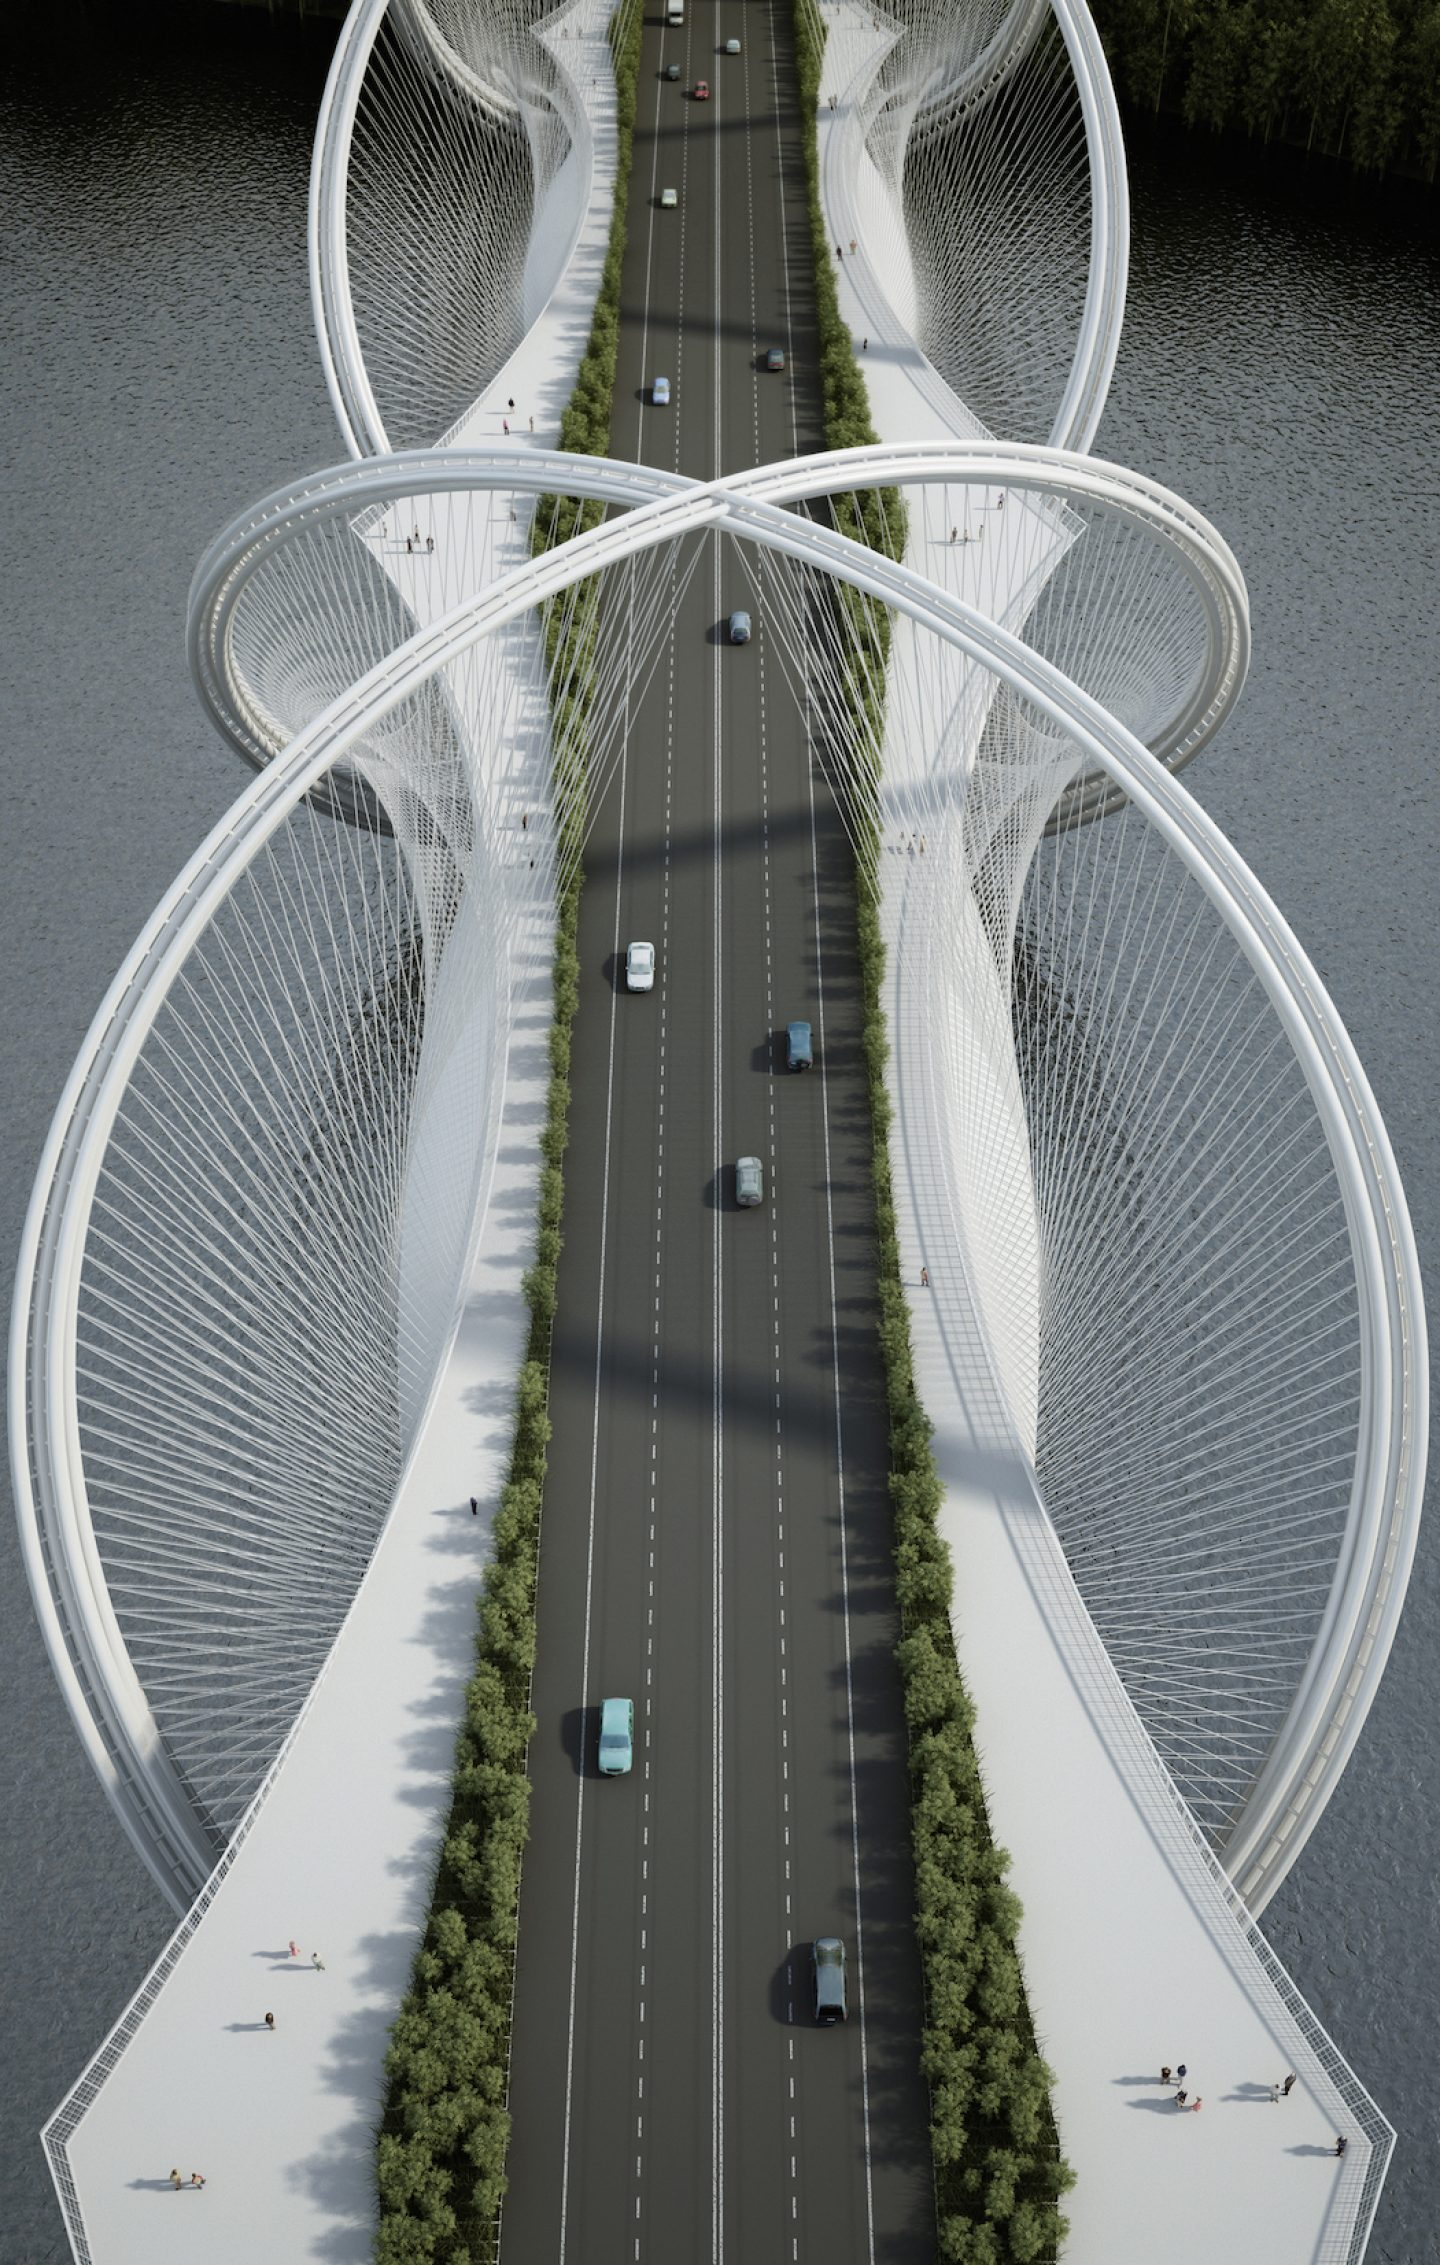 Architecture_ShanShanBridge_Penda07